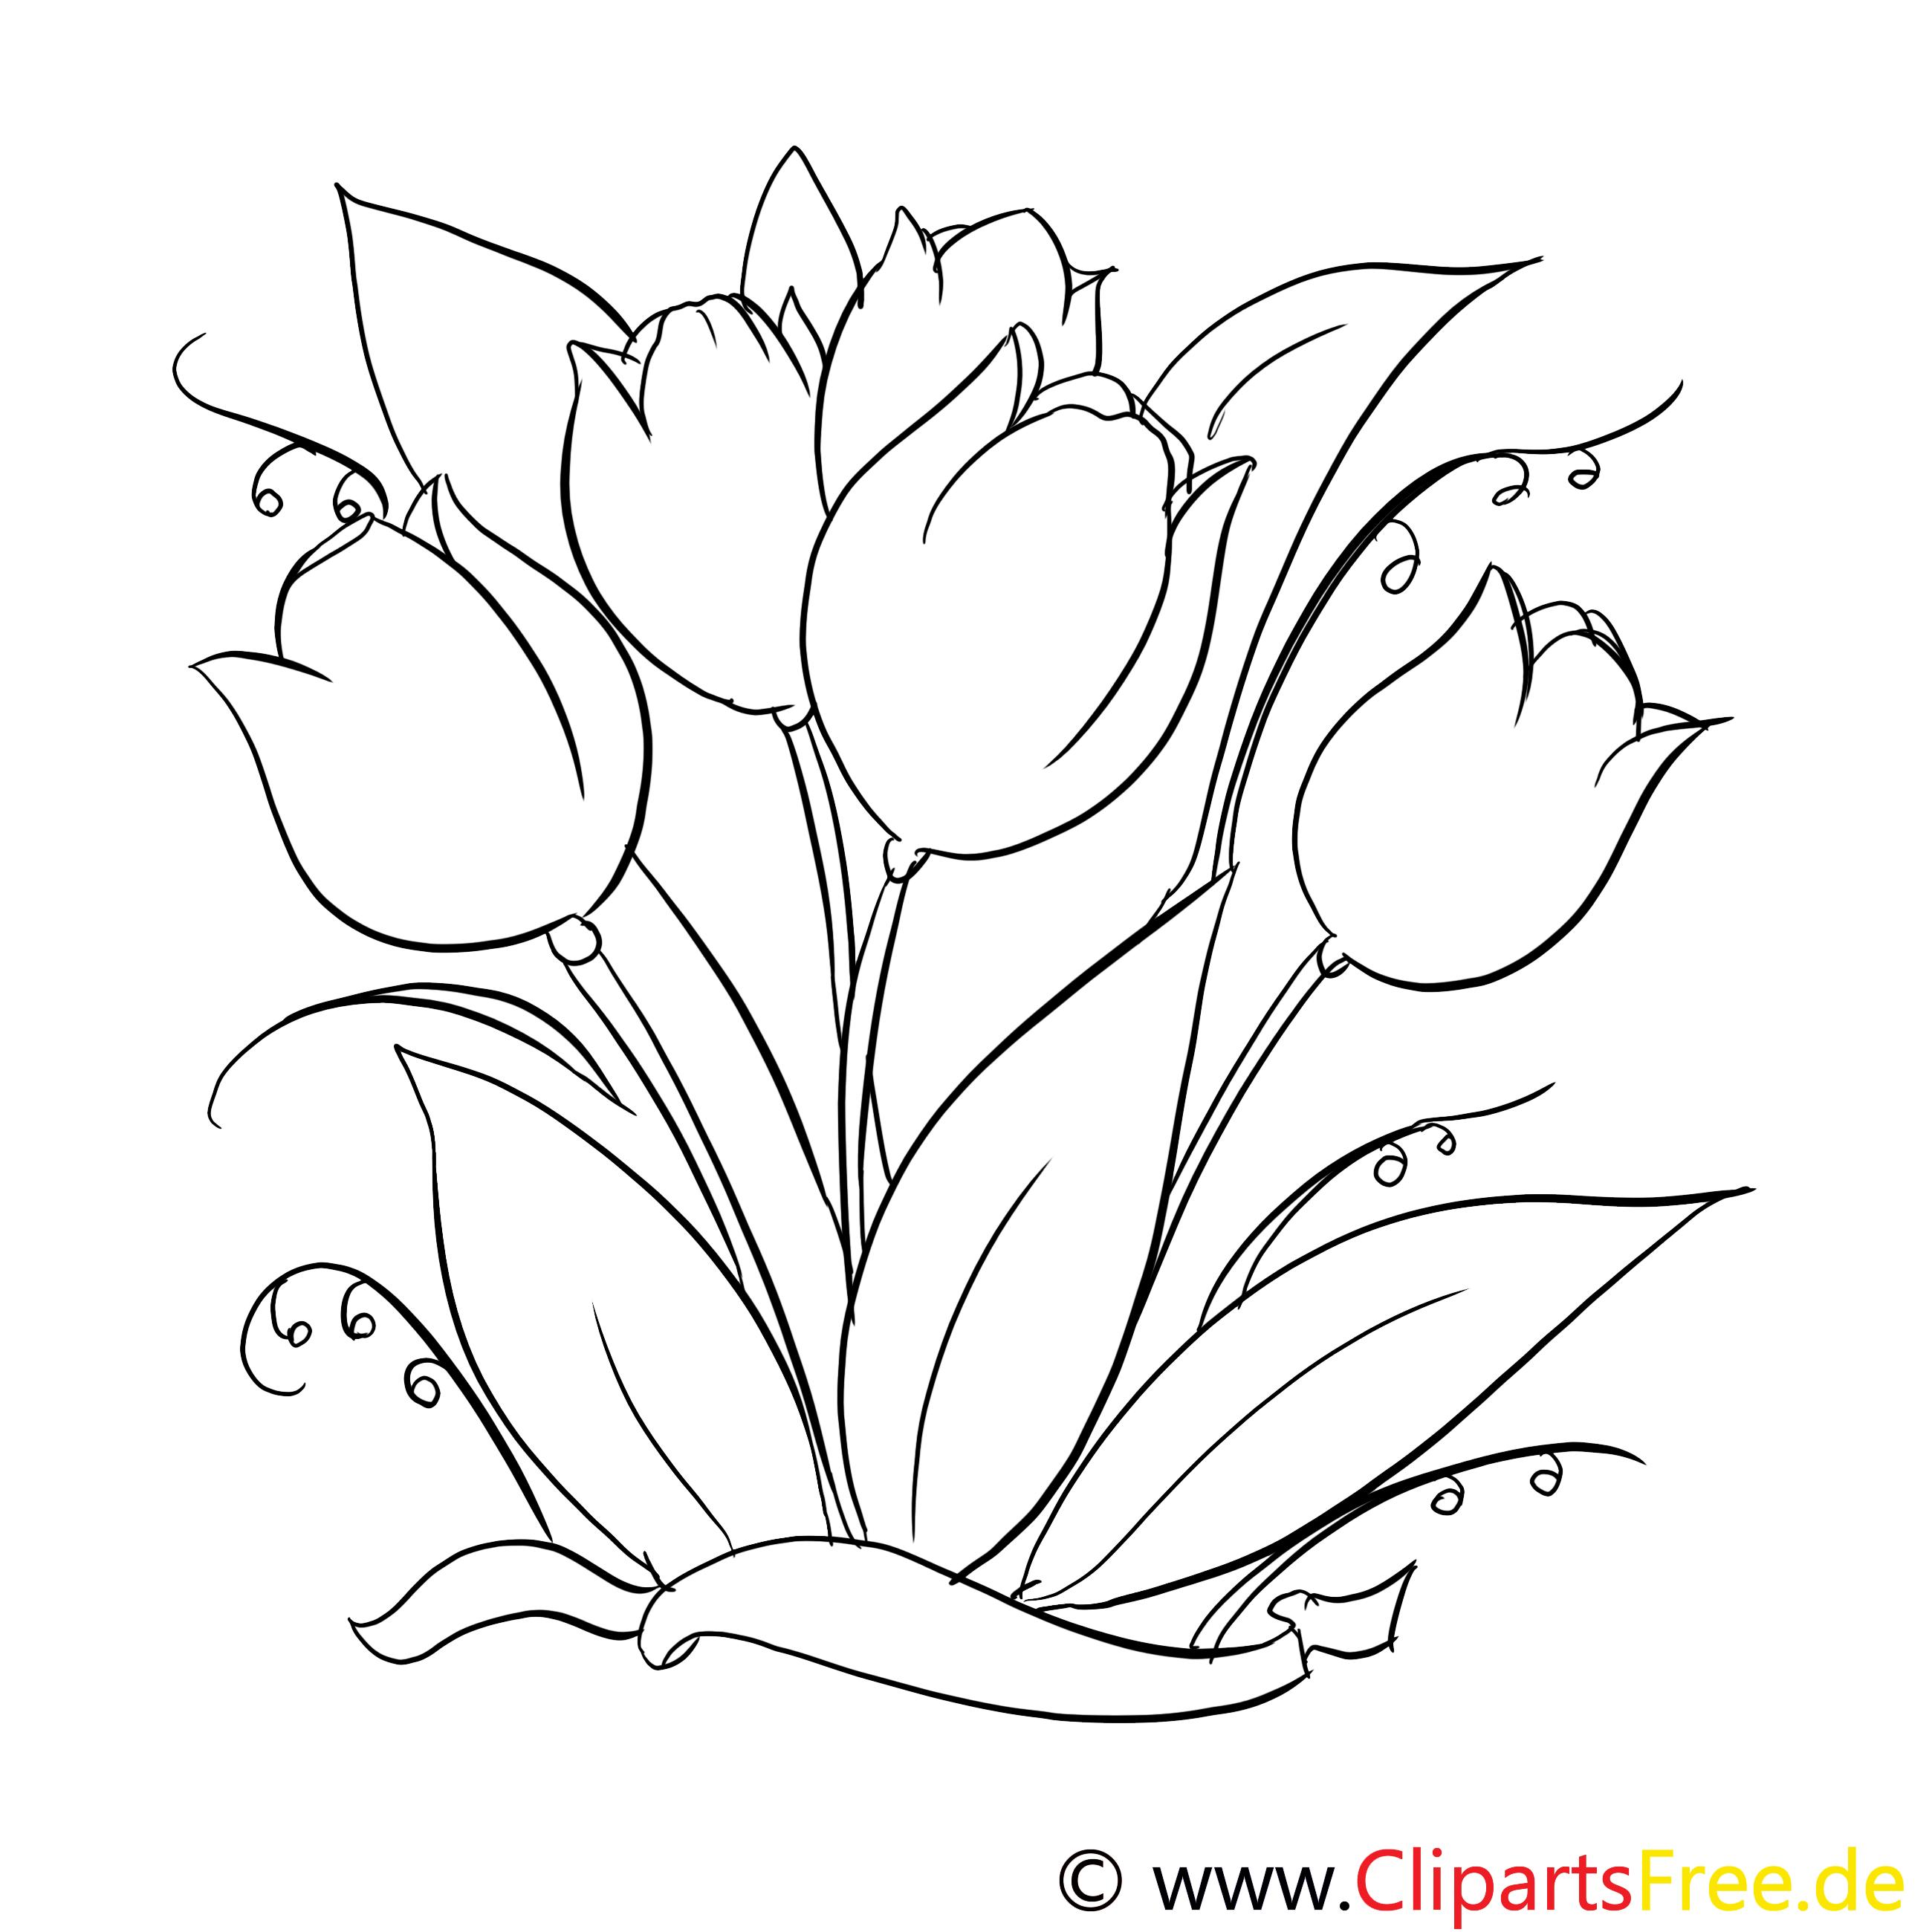 Ausmalbilder Tulpen Ausdrucken http://www.ausmalbilder.co